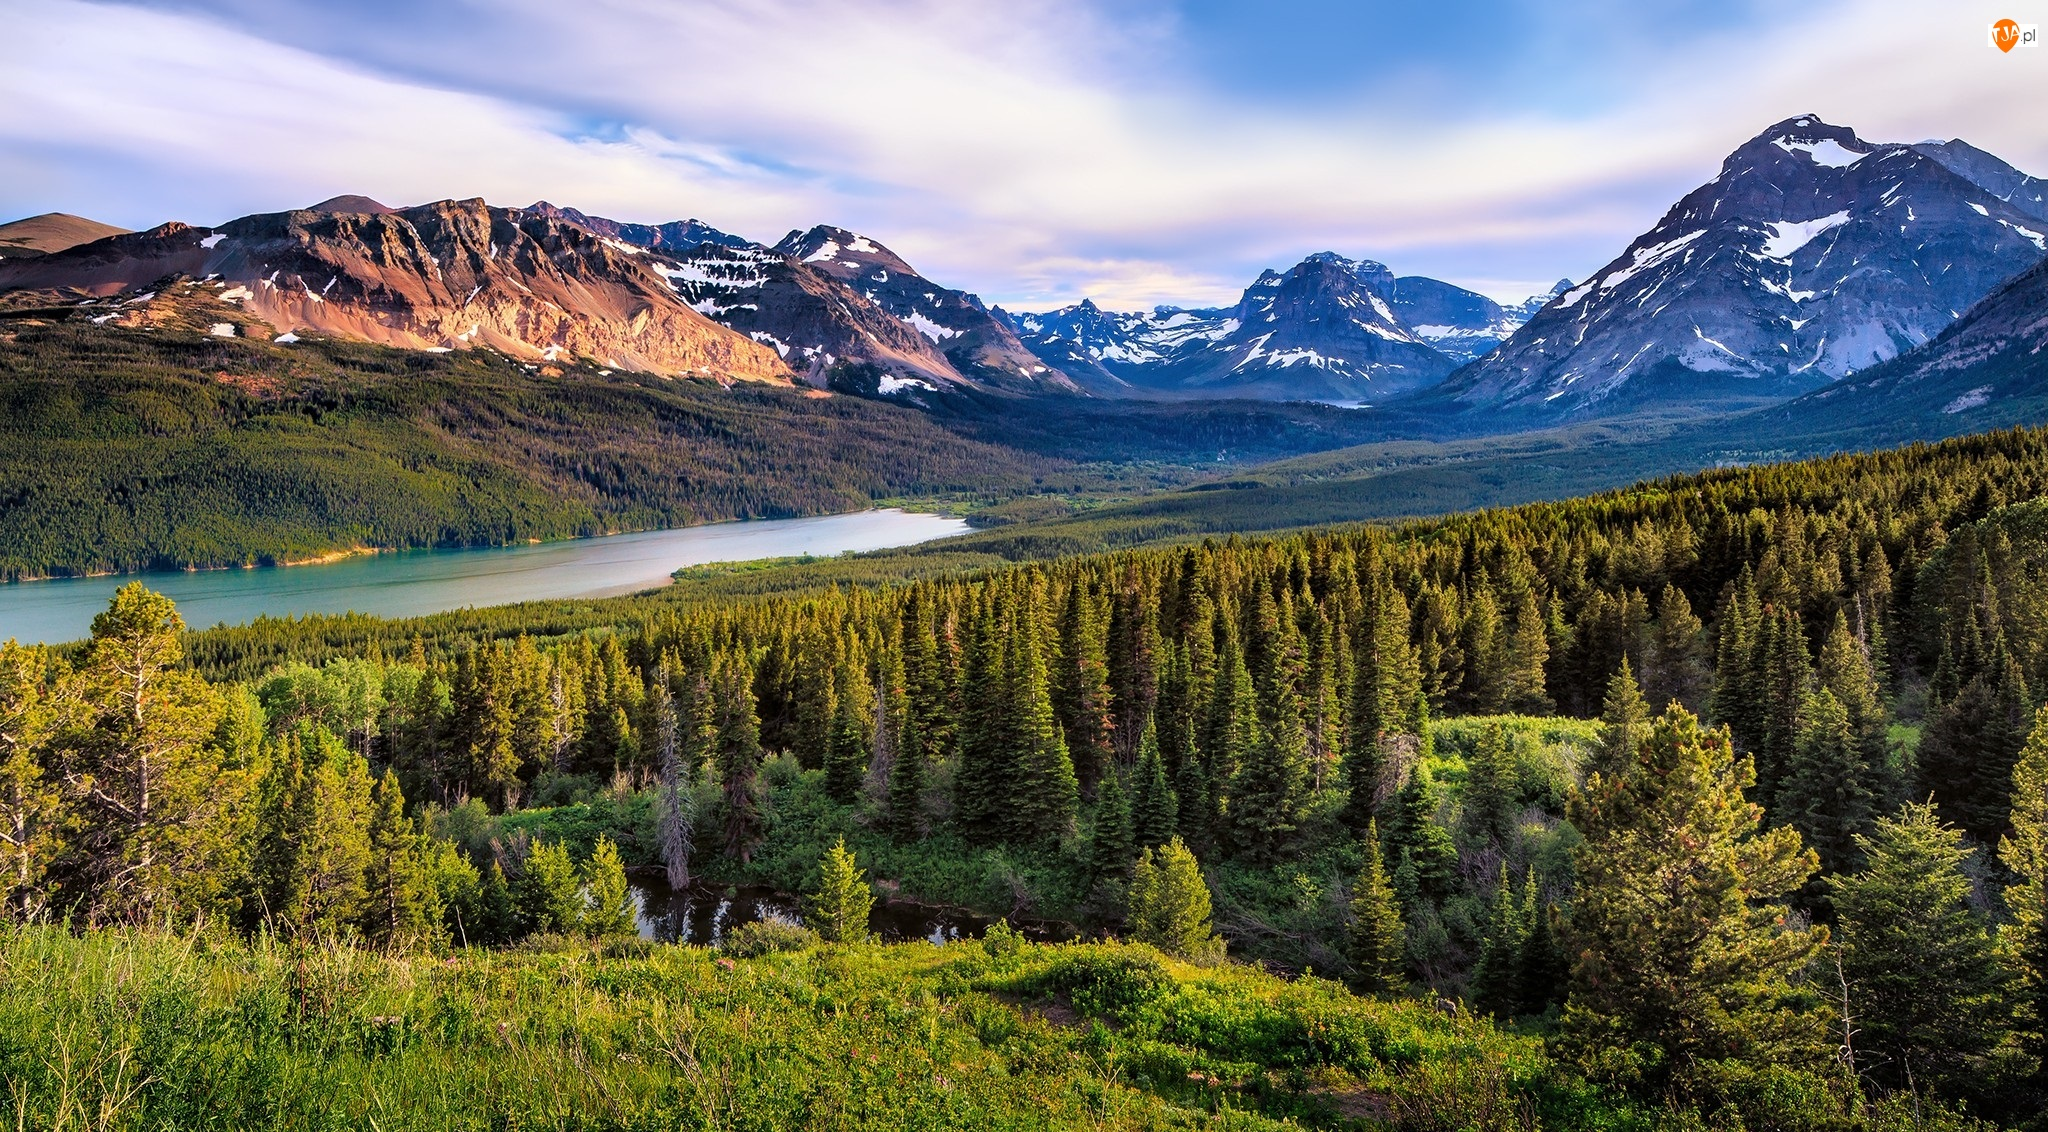 Park Narodowy Glacier, Jezioro Two Medicine Lake, Stany Zjednoczone, Drzewa, Stan Montana, Góry